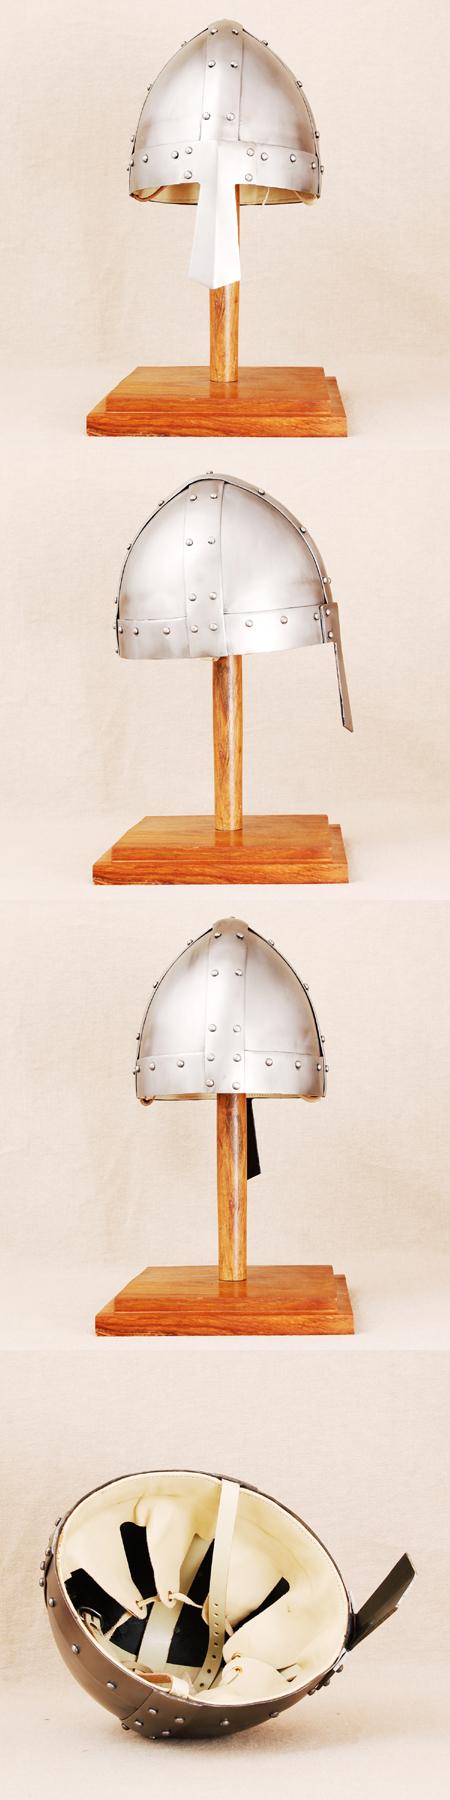 Starker Spangen-Helm Wikinger 900 AD f.Schaukampf